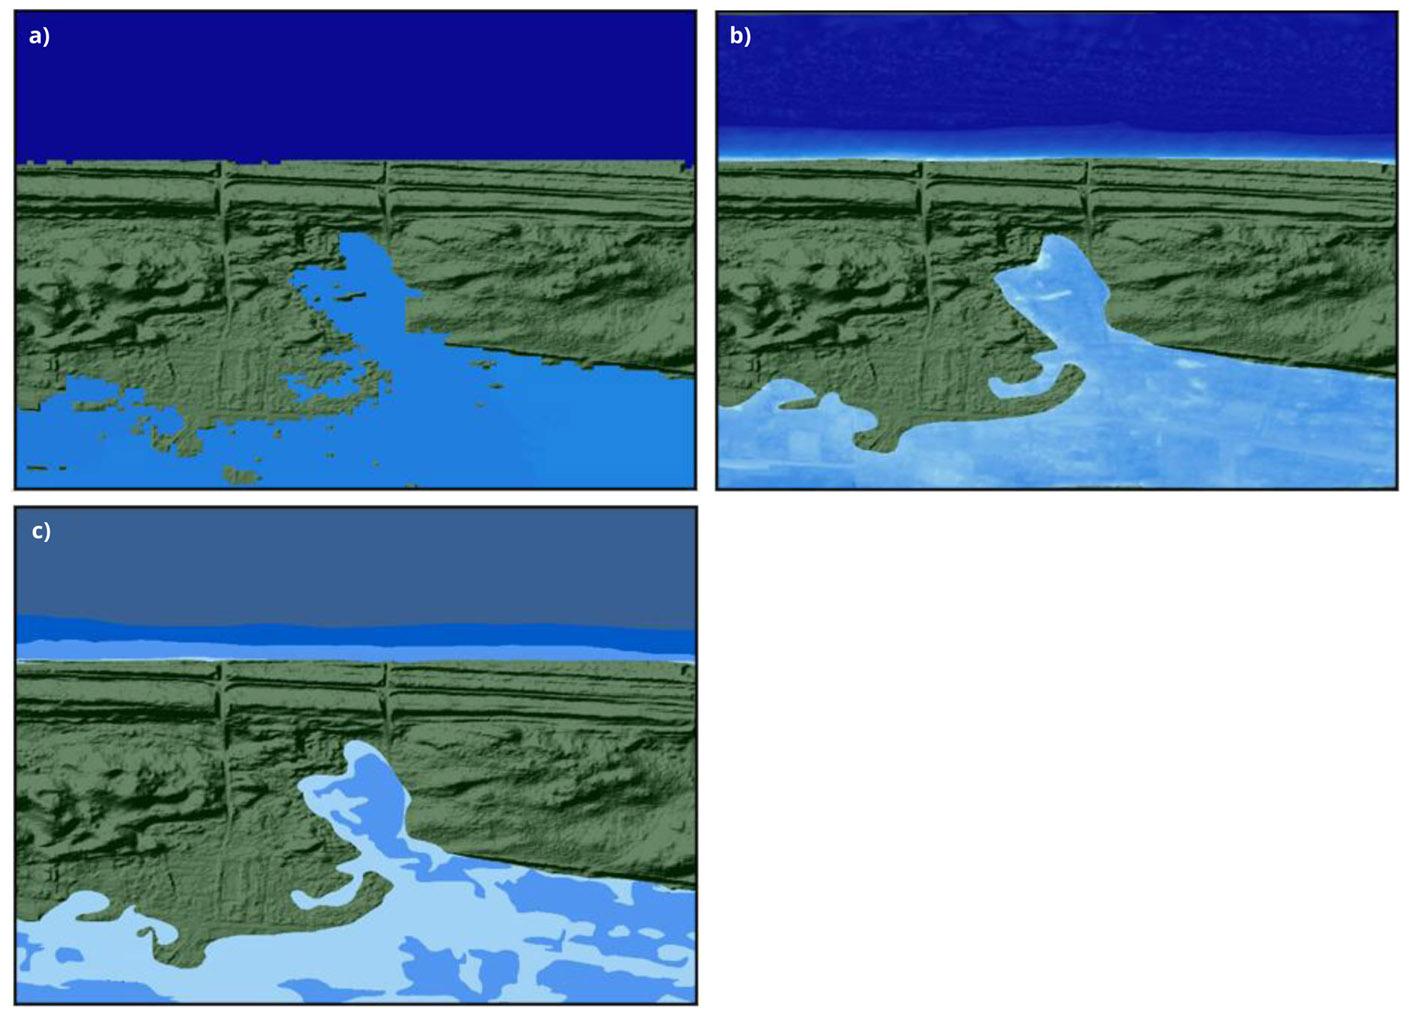 Etapy przetwarzania wyników modelowania hydrodynamicznego: a) numeryczny model powierzchni wody; b) raster głębokości wody; c) poligony klas głębokości.